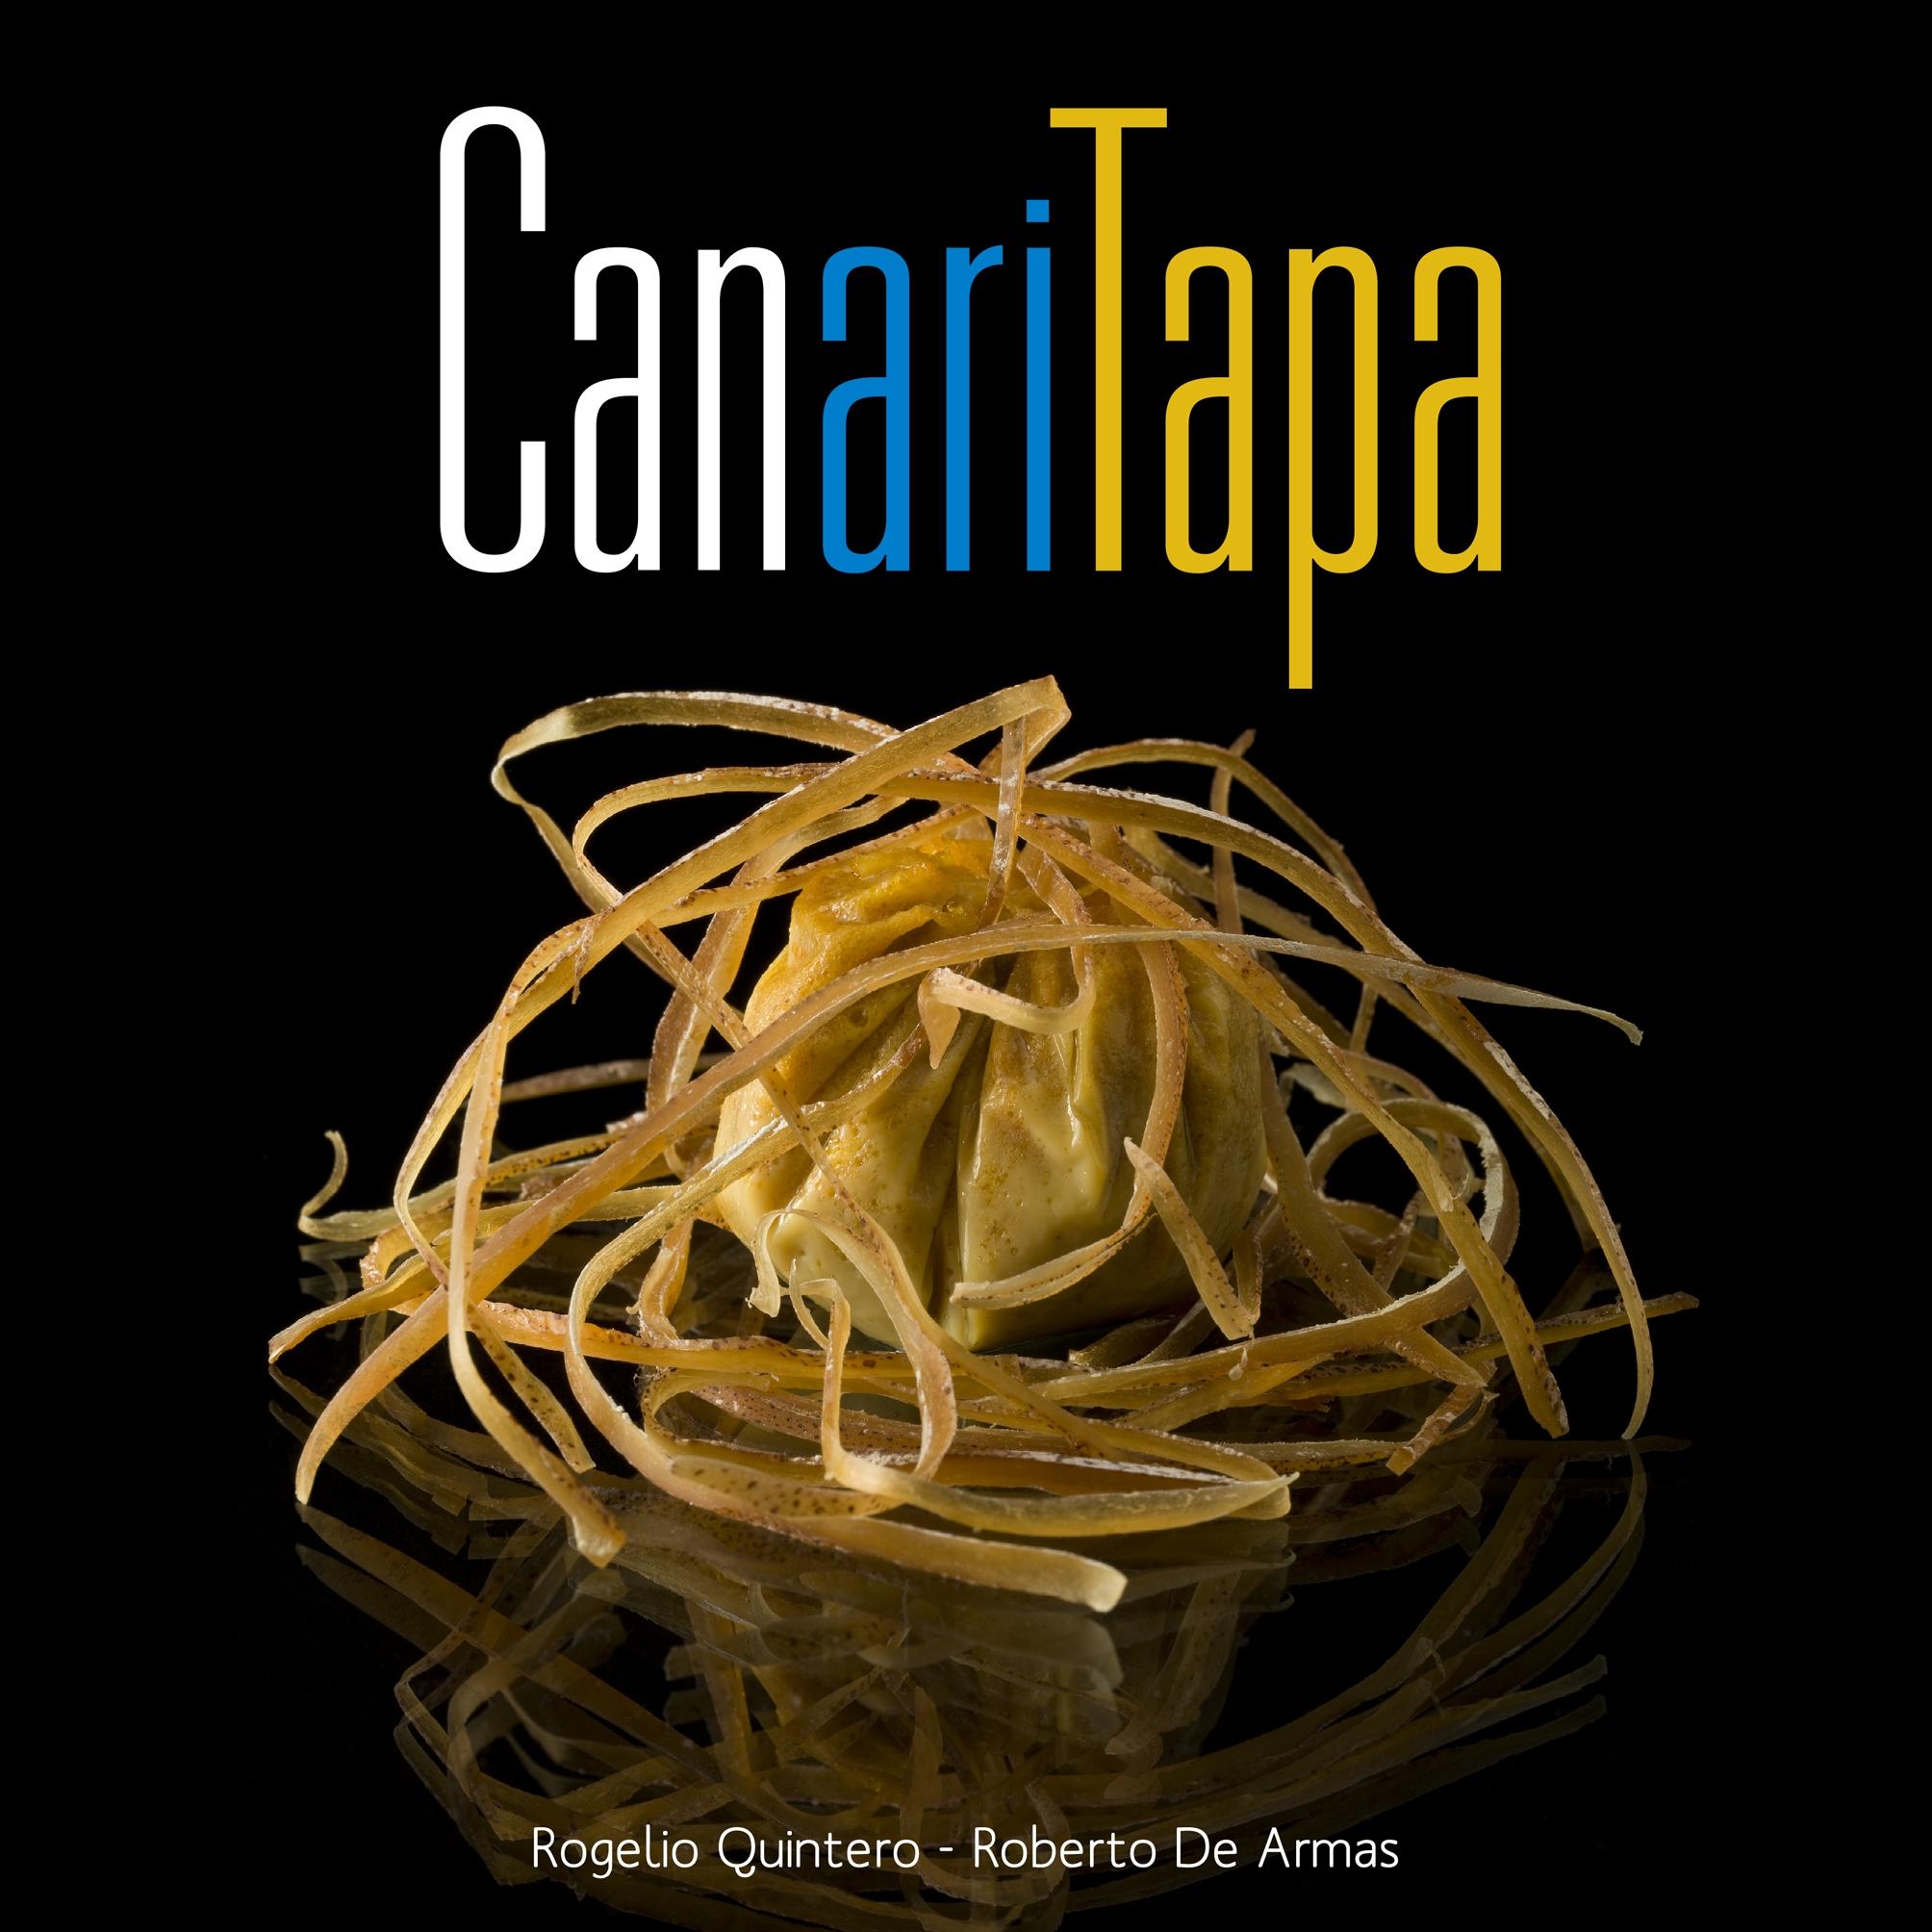 portada-libro-canaritapa1